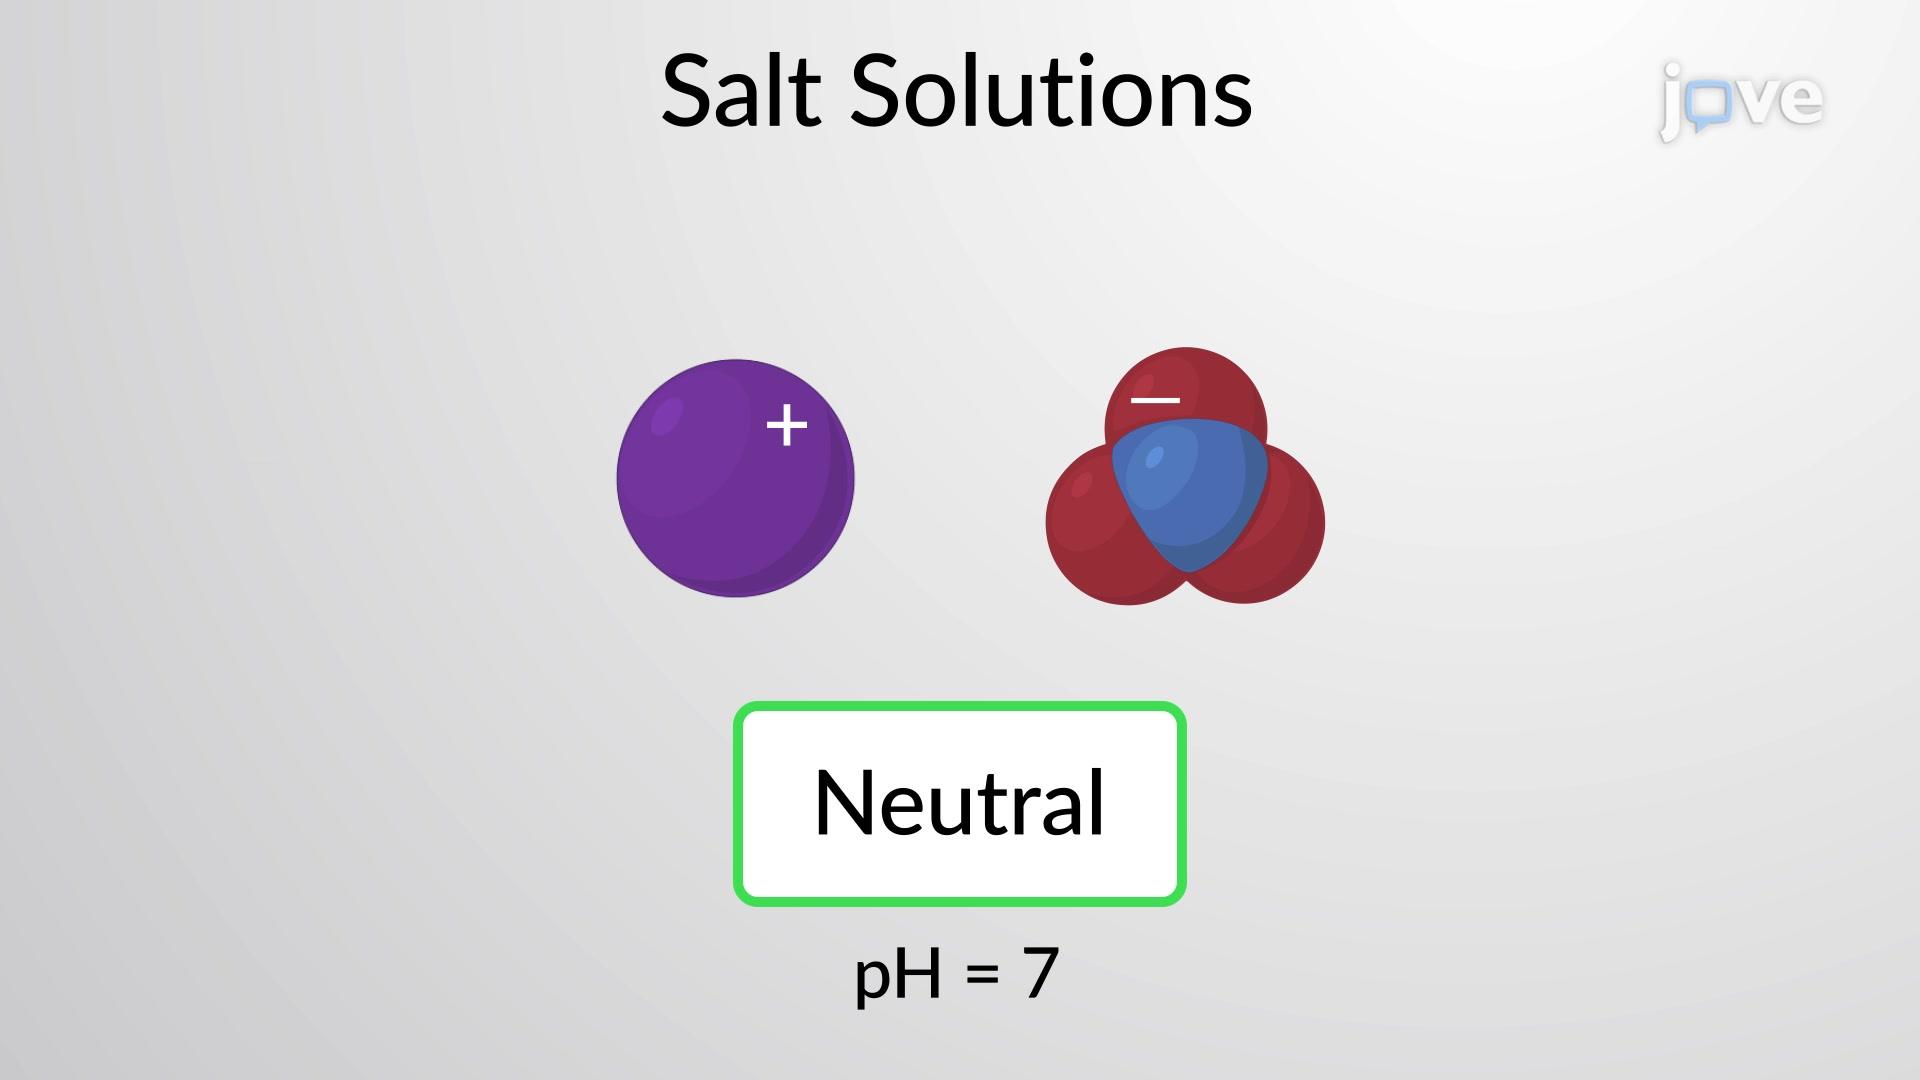 تحديد الرقم الهيدروجيني (pH) لمحاليل الملح